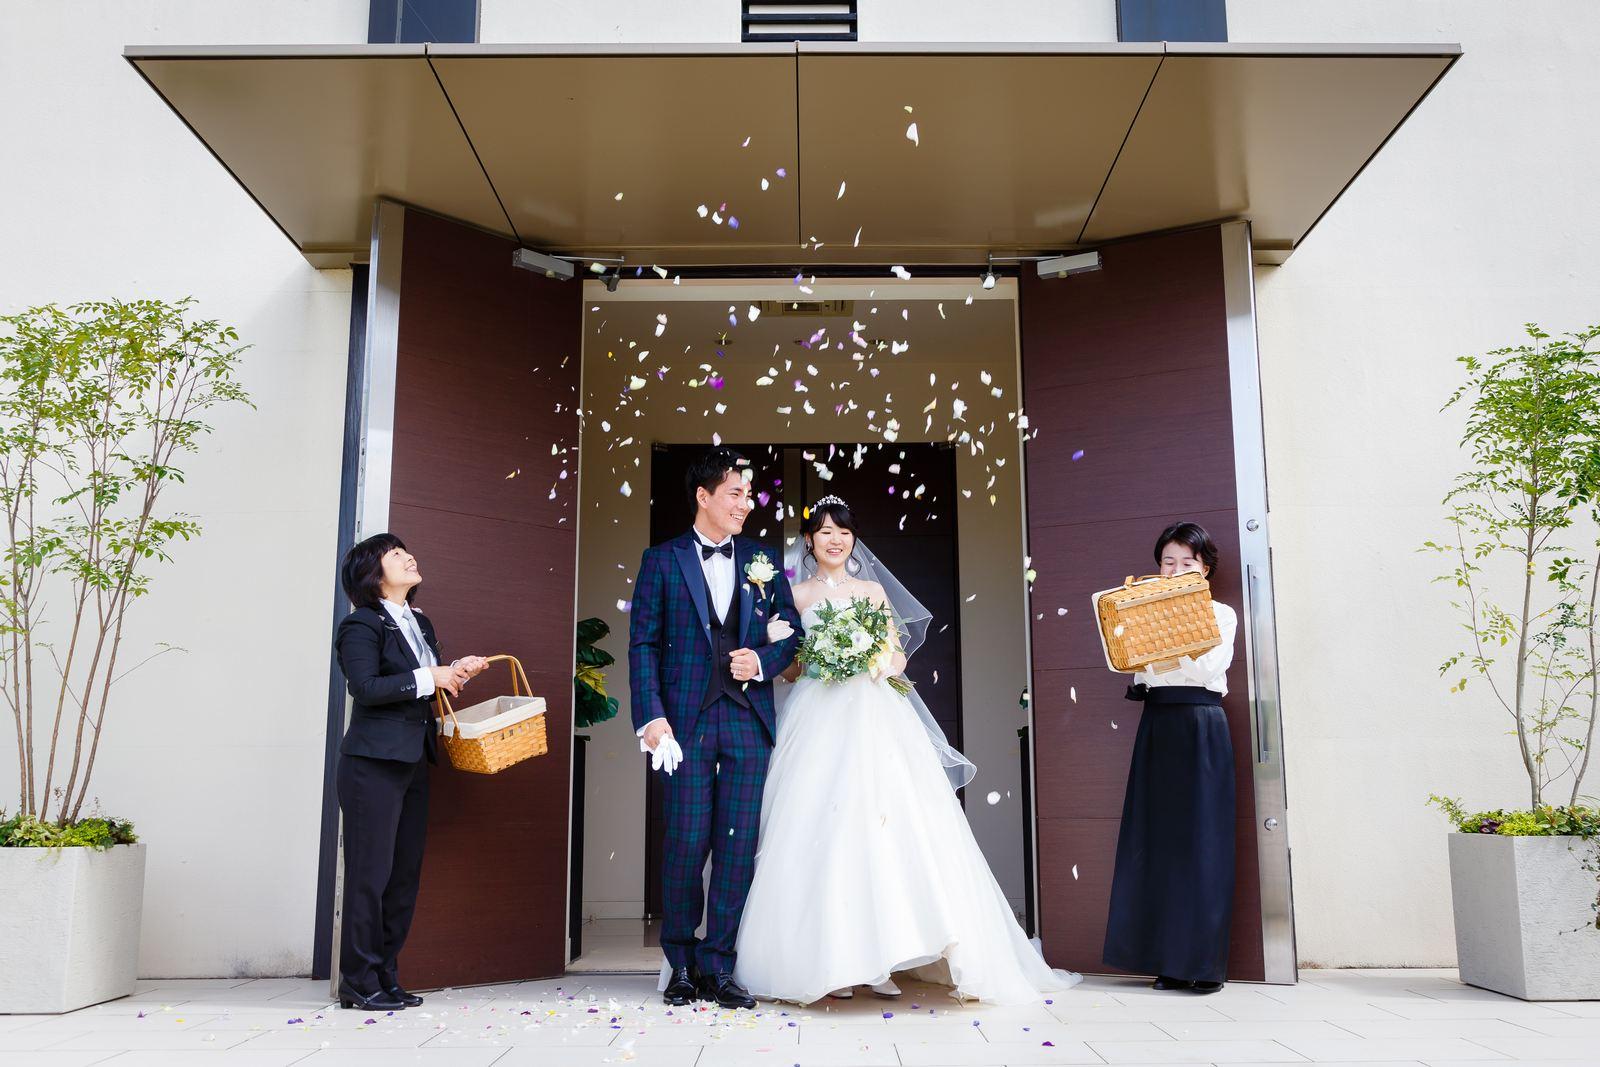 高松市の結婚式場アイルバレクラブ フラワーシャワーセレモニー